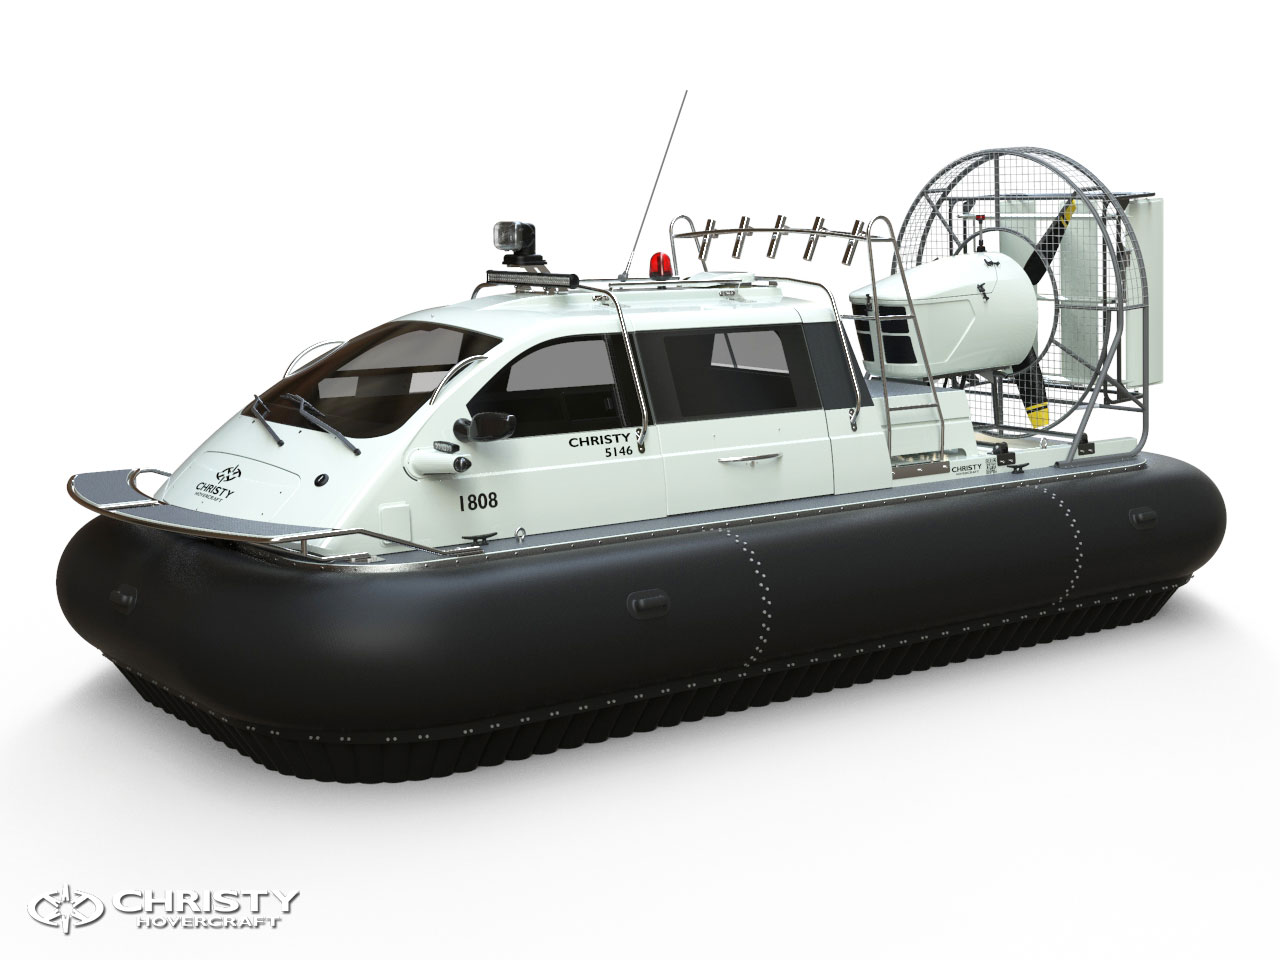 Макет катера на воздушной подушке Christy 5146 FC Trolling Edition Вид сбоку | фото №2